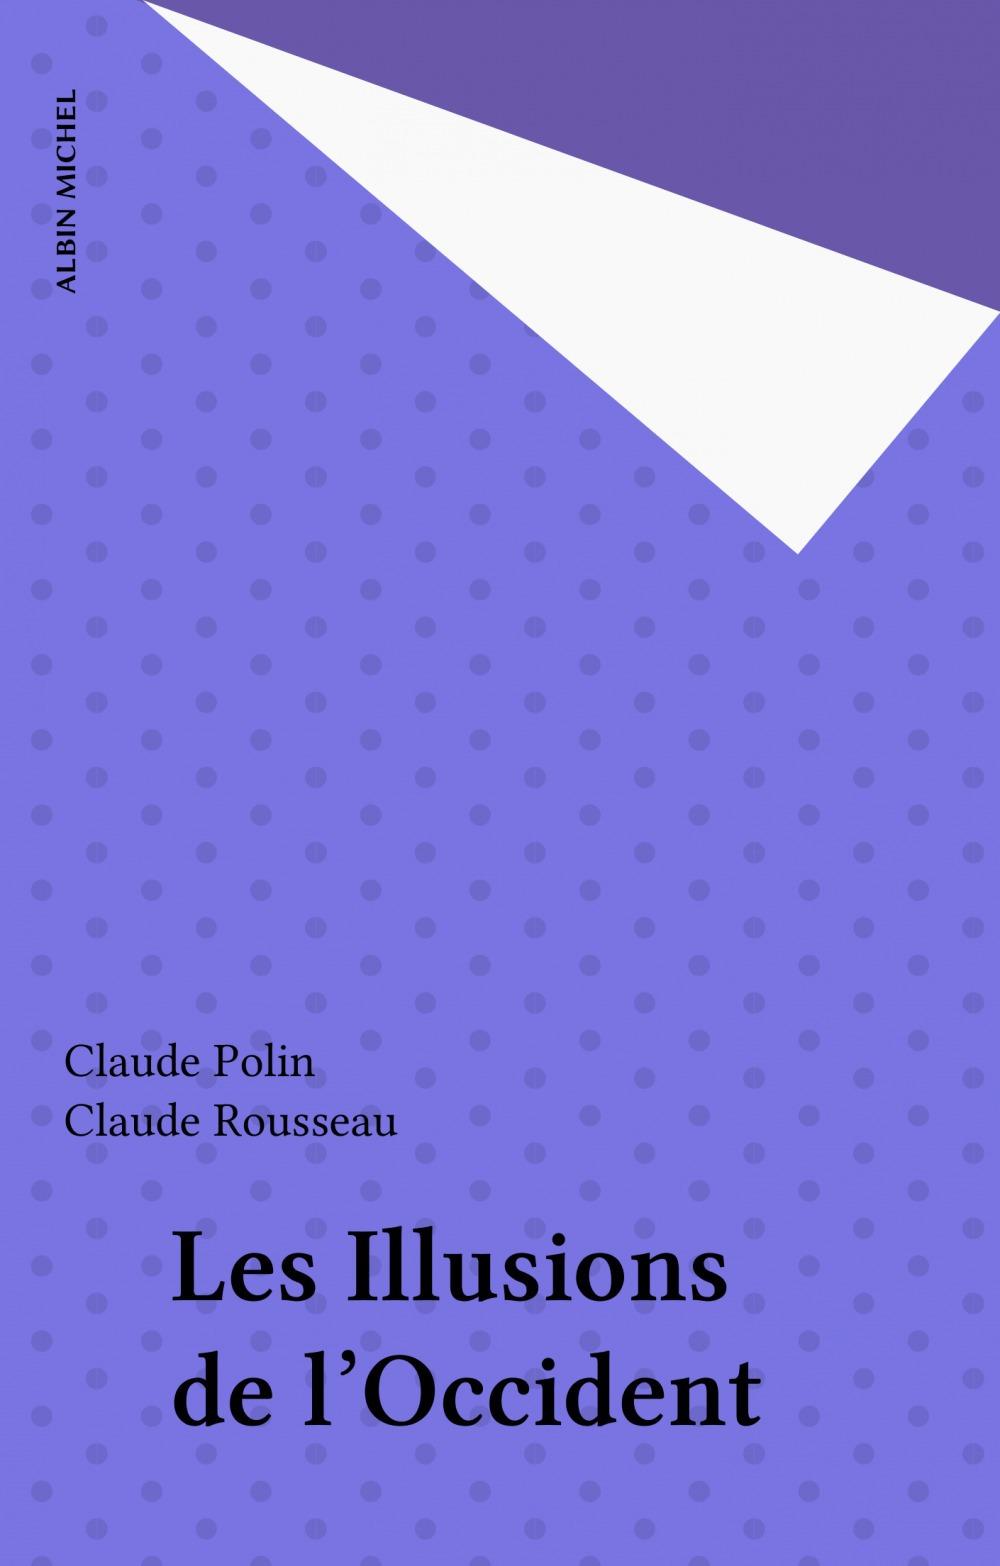 Les Illusions de l'Occident